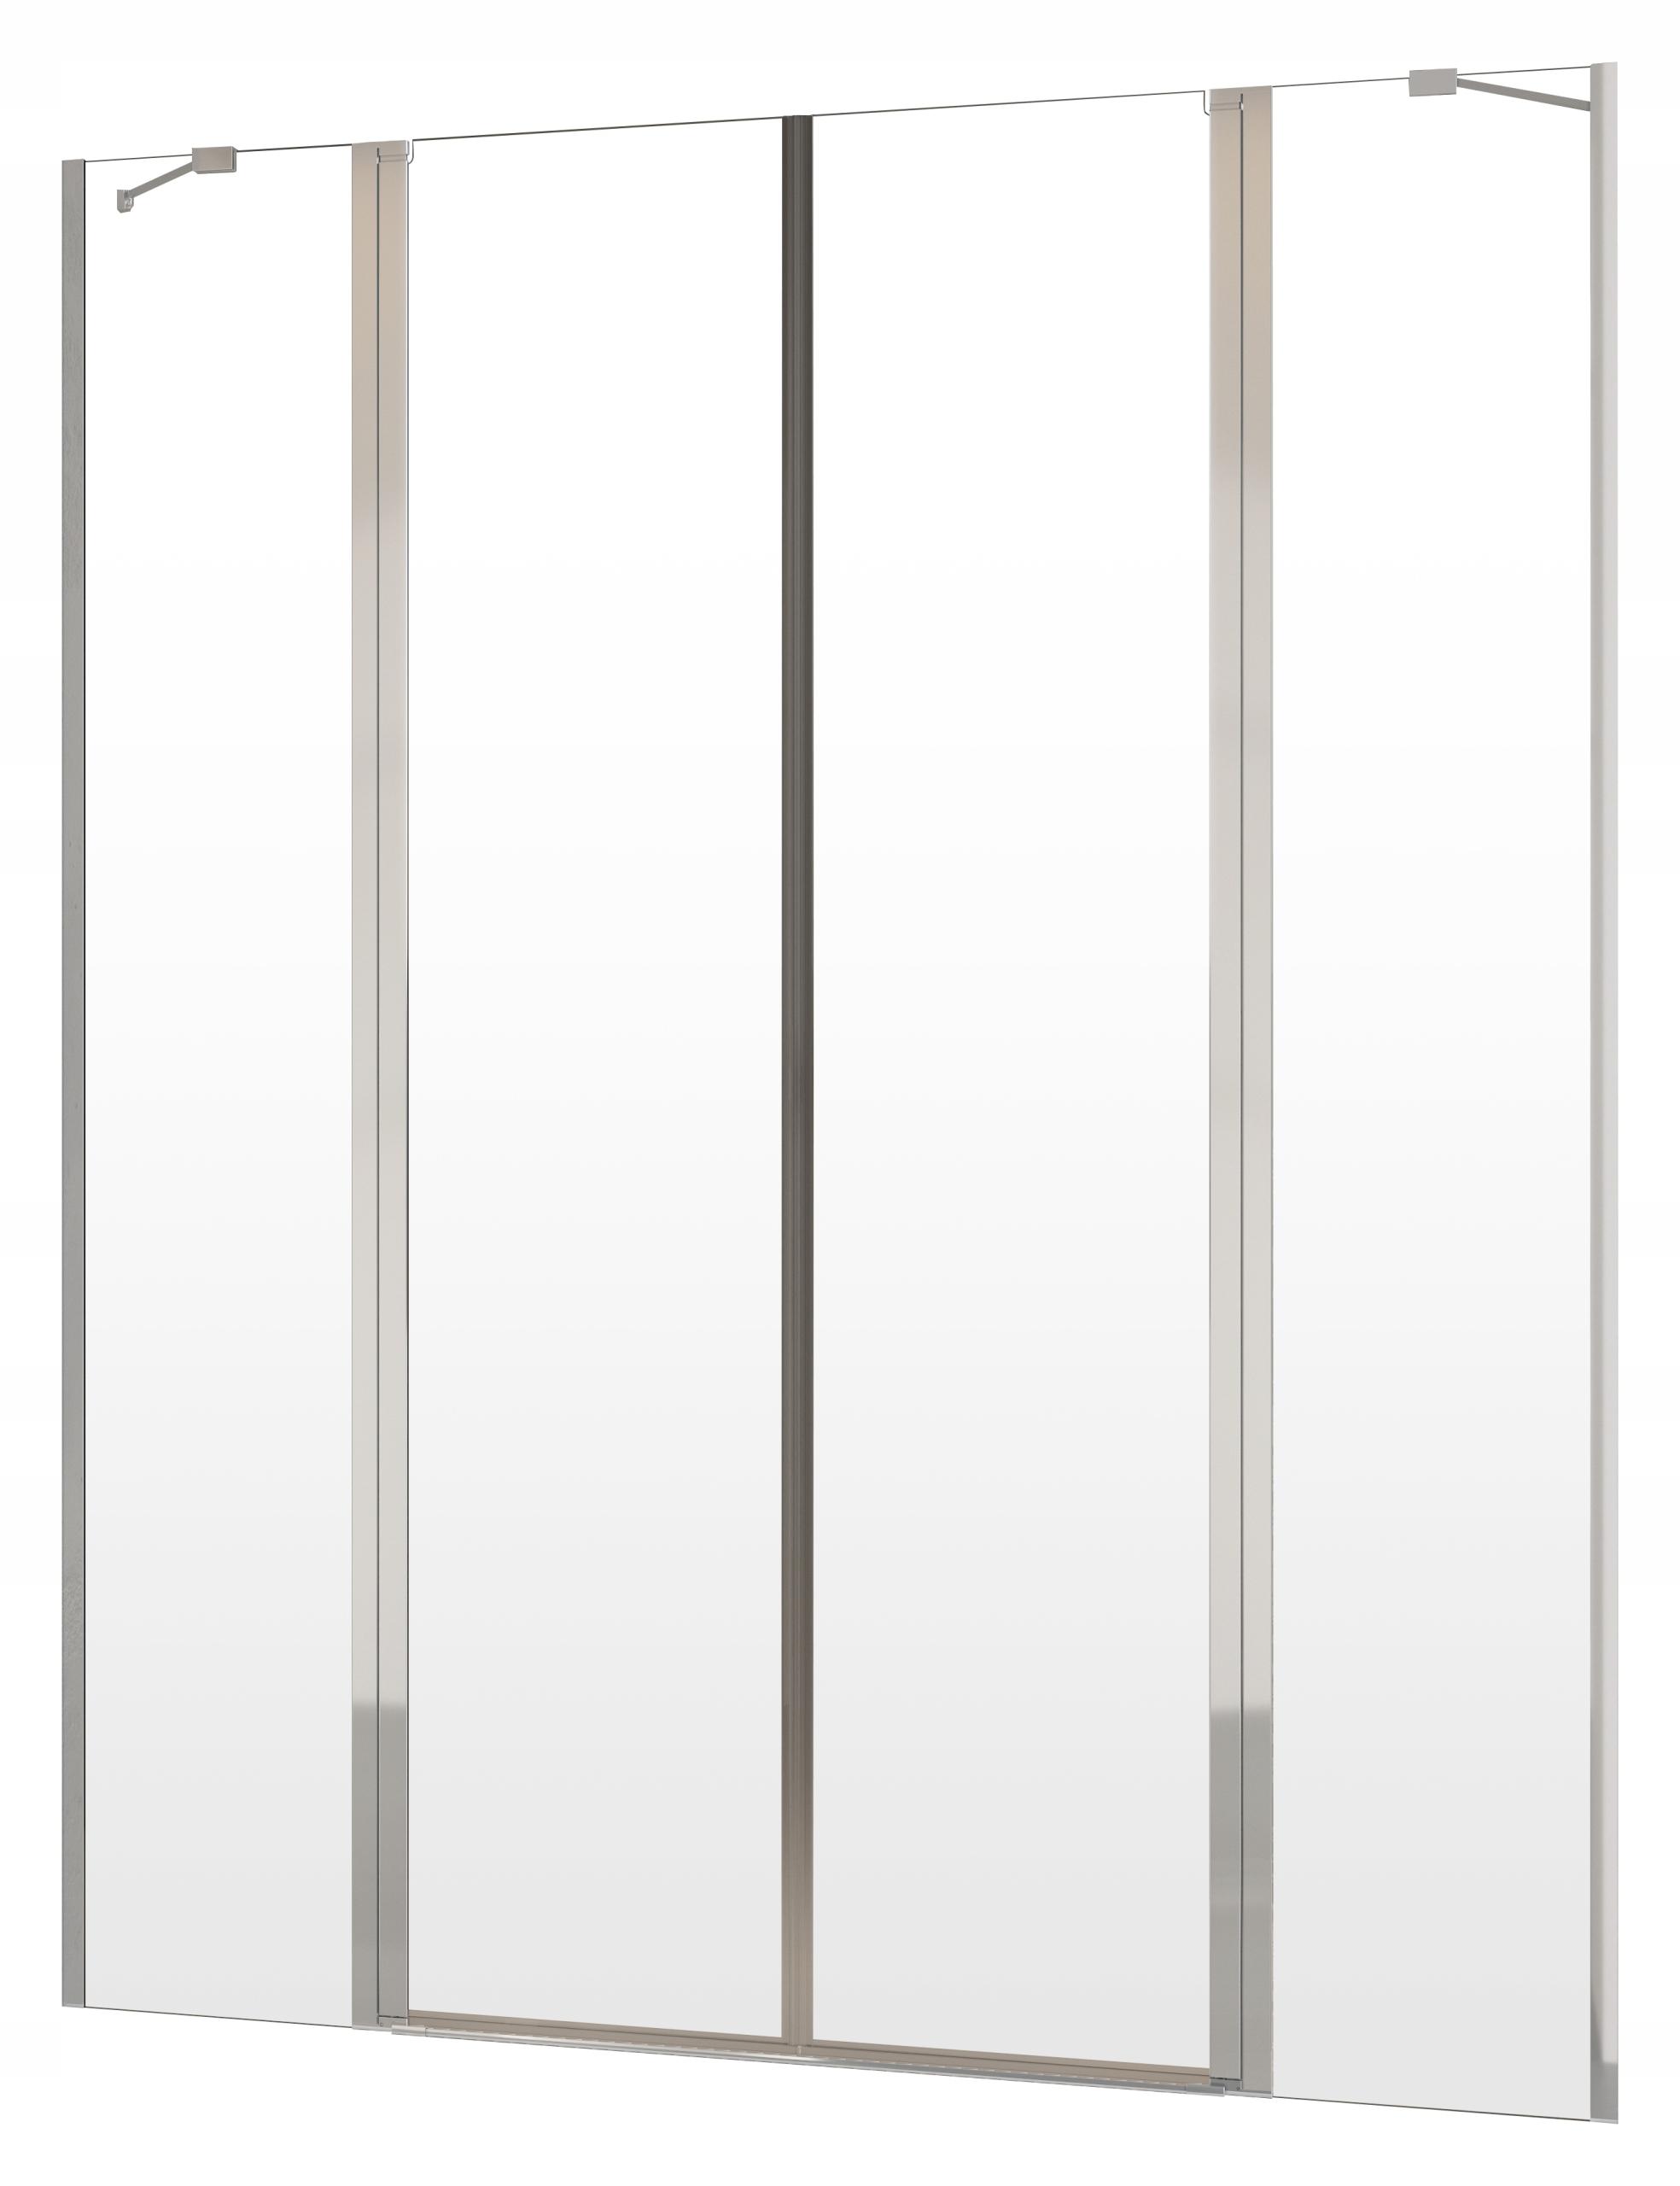 NES DWD II W1 130x200 RADAWAY sprchové dvere cl